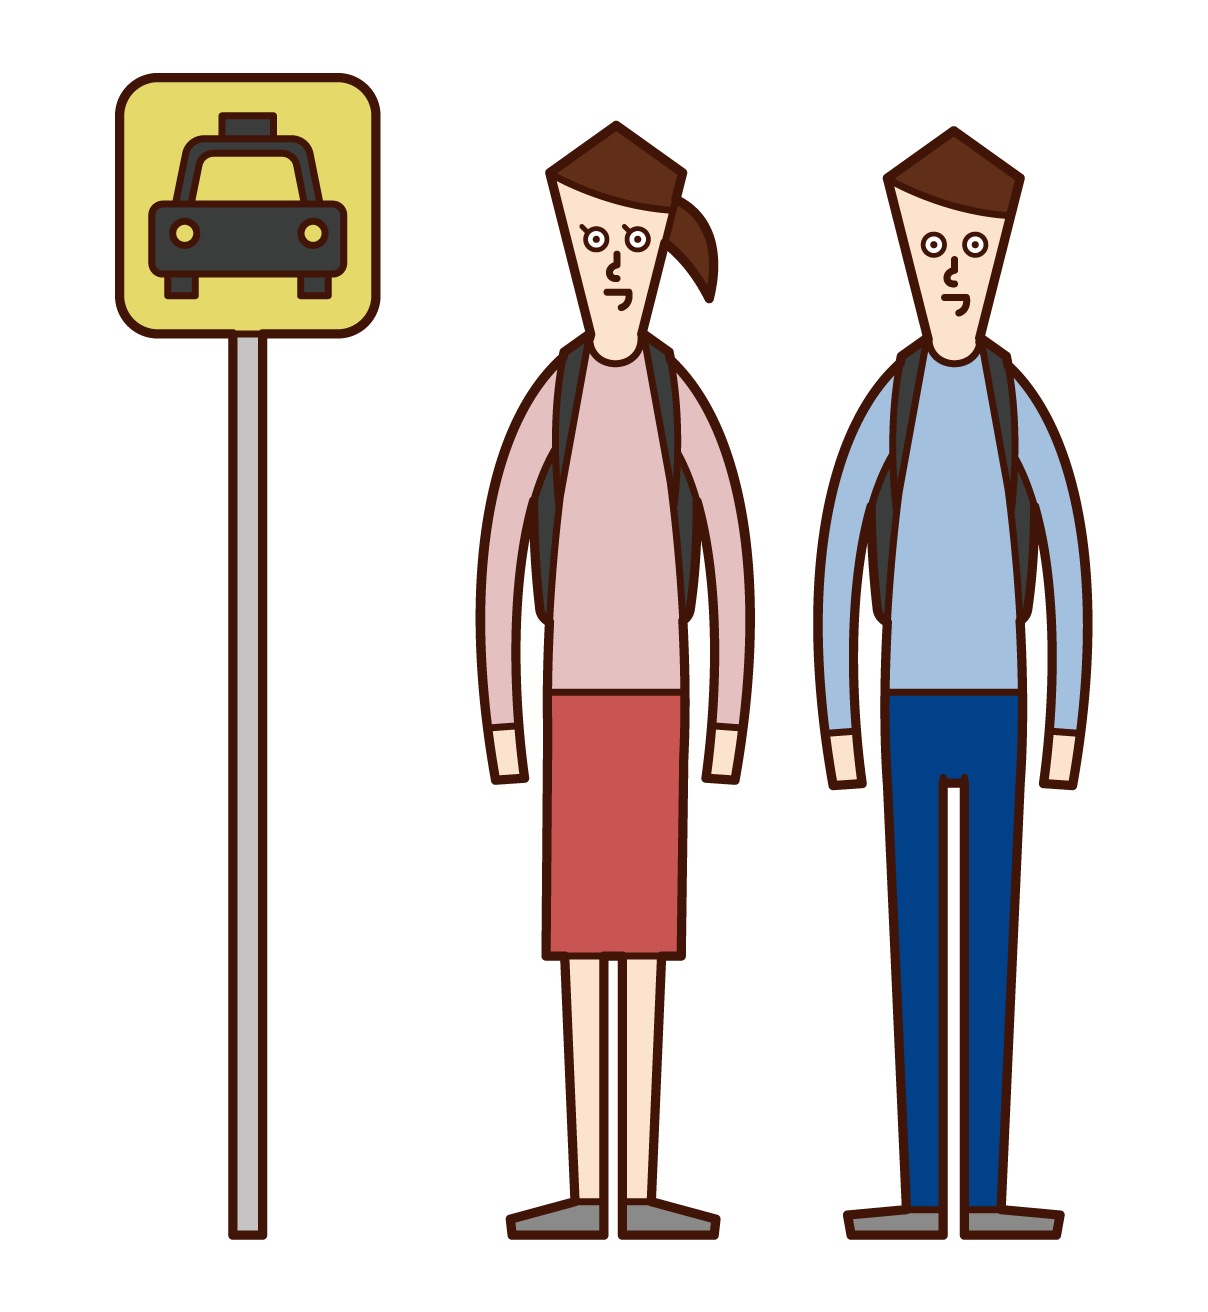 タクシー乗り場でタクシーを待つ人たちのイラスト